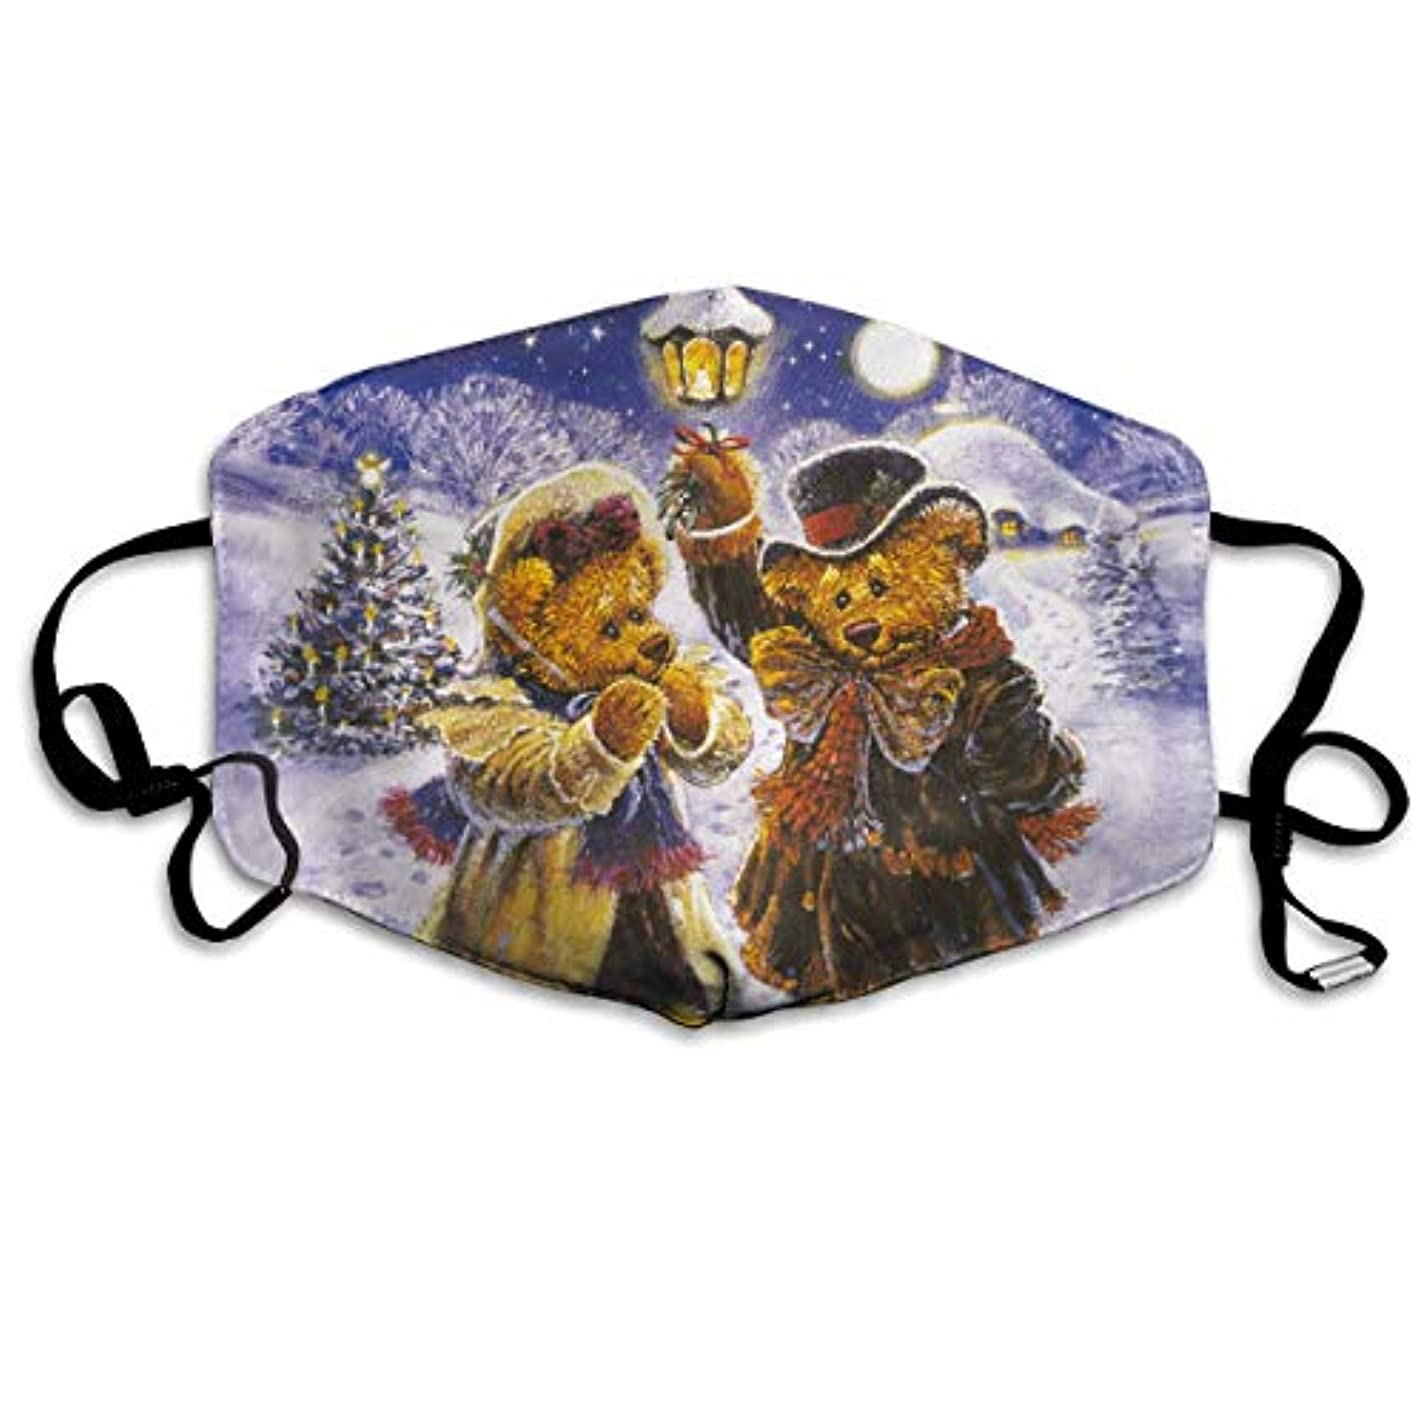 ジャニス自由チキンMorningligh 20T#?古泰迪熊 (4) マスク 使い捨てマスク ファッションマスク 個別包装 まとめ買い 防災 避難 緊急 抗菌 花粉症予防 風邪予防 男女兼用 健康を守るため